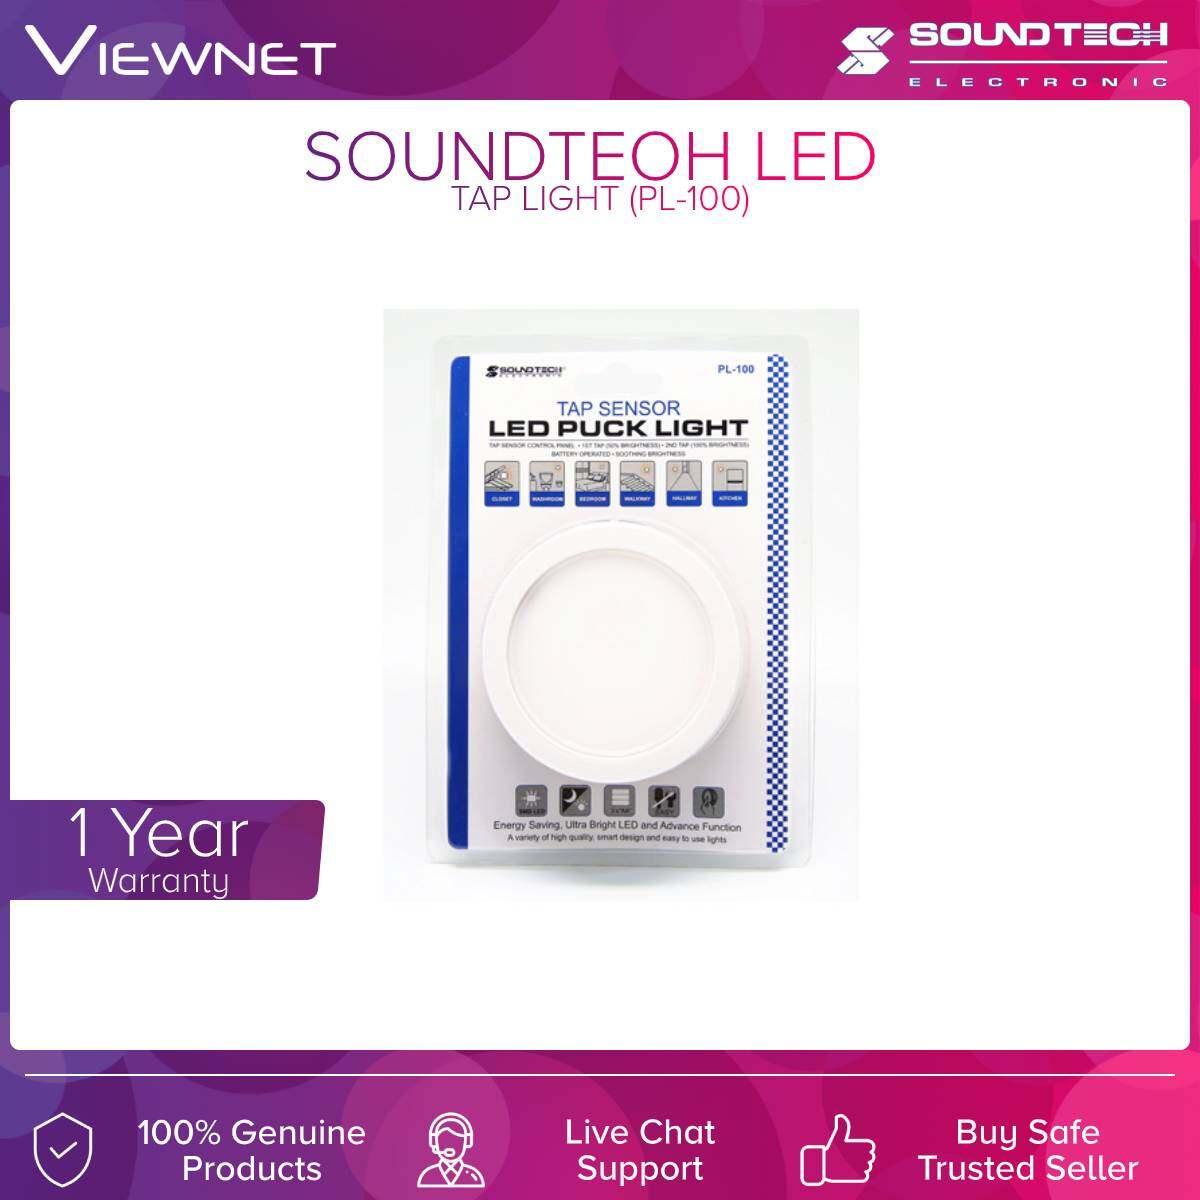 Soundteoh (PL-100) Led Tap Light